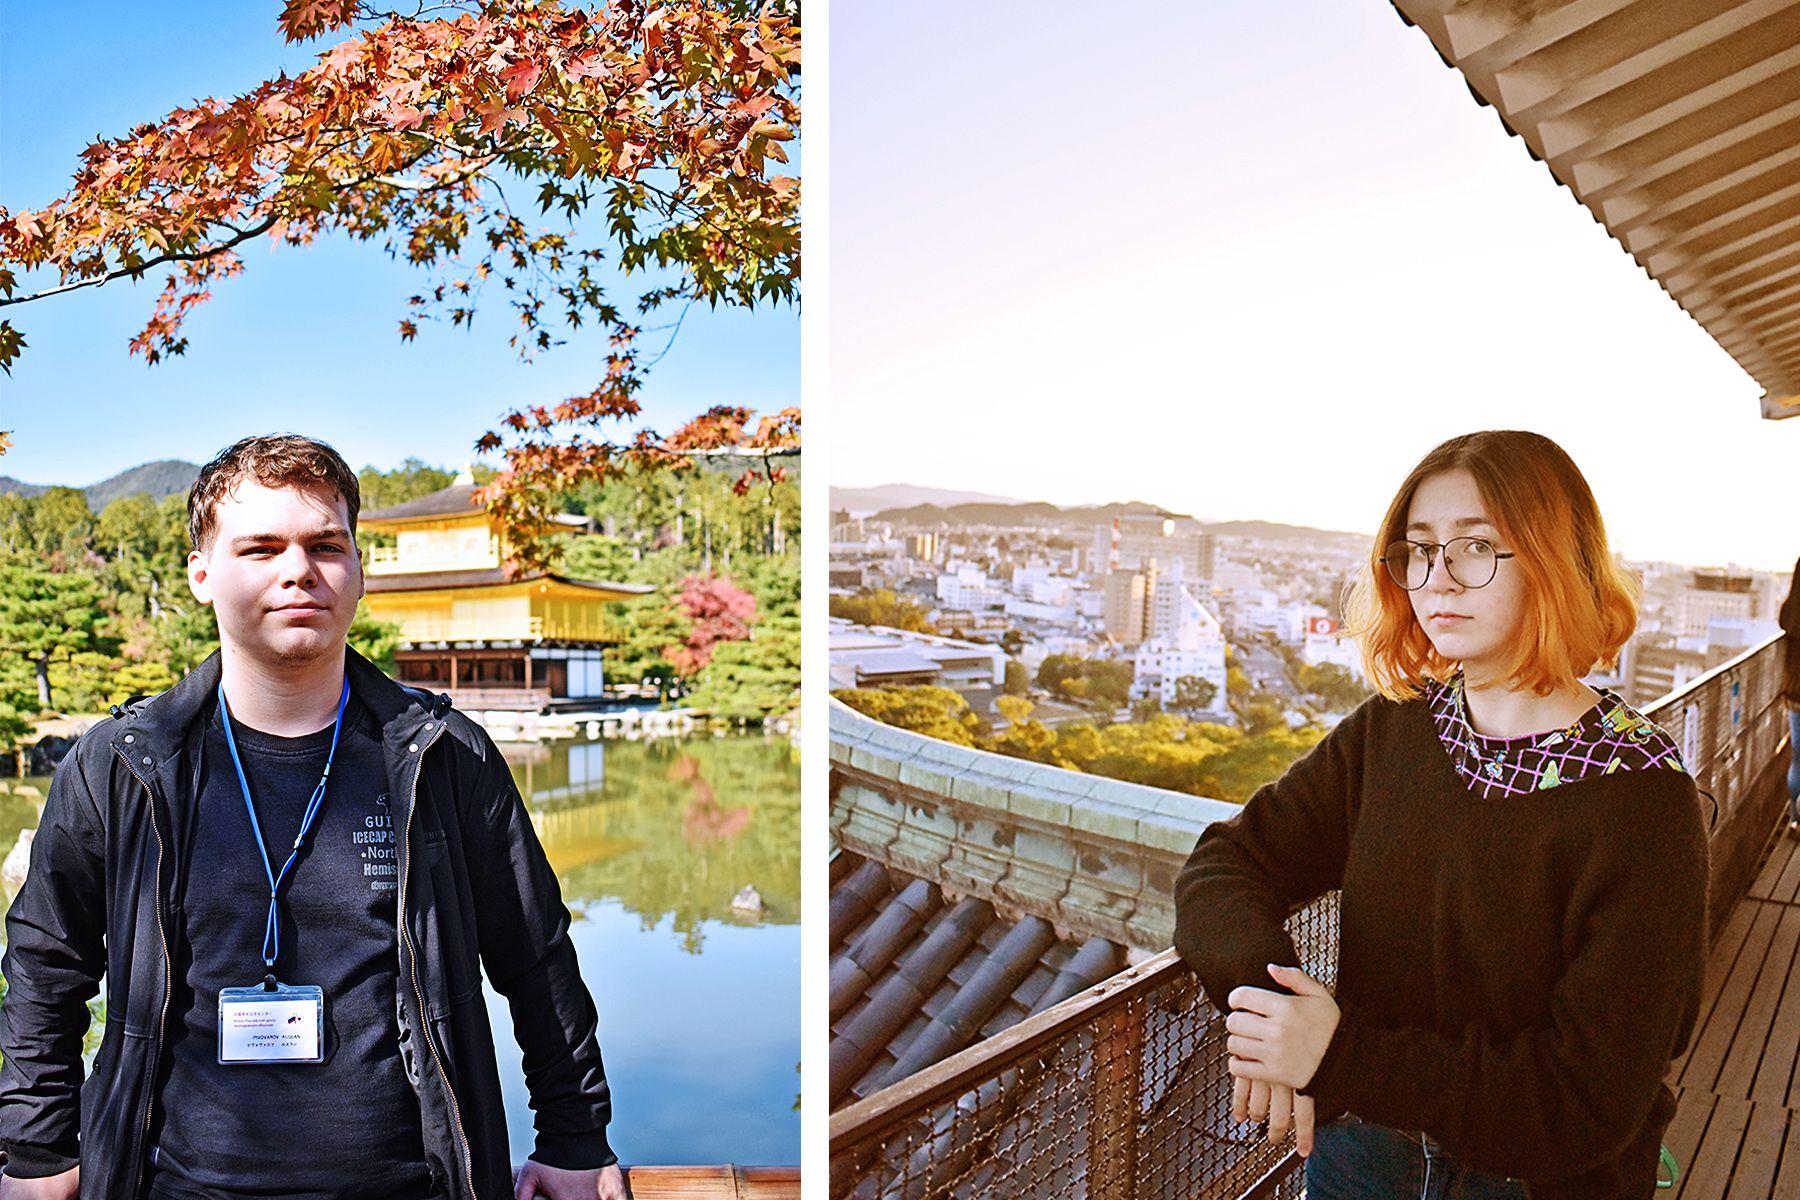 Студенты ВГУЭС Ульяна Черепанова и Руслан Пивоваров: стажировка в Японии по стипендиальной программе – новые знания и интересные знакомства